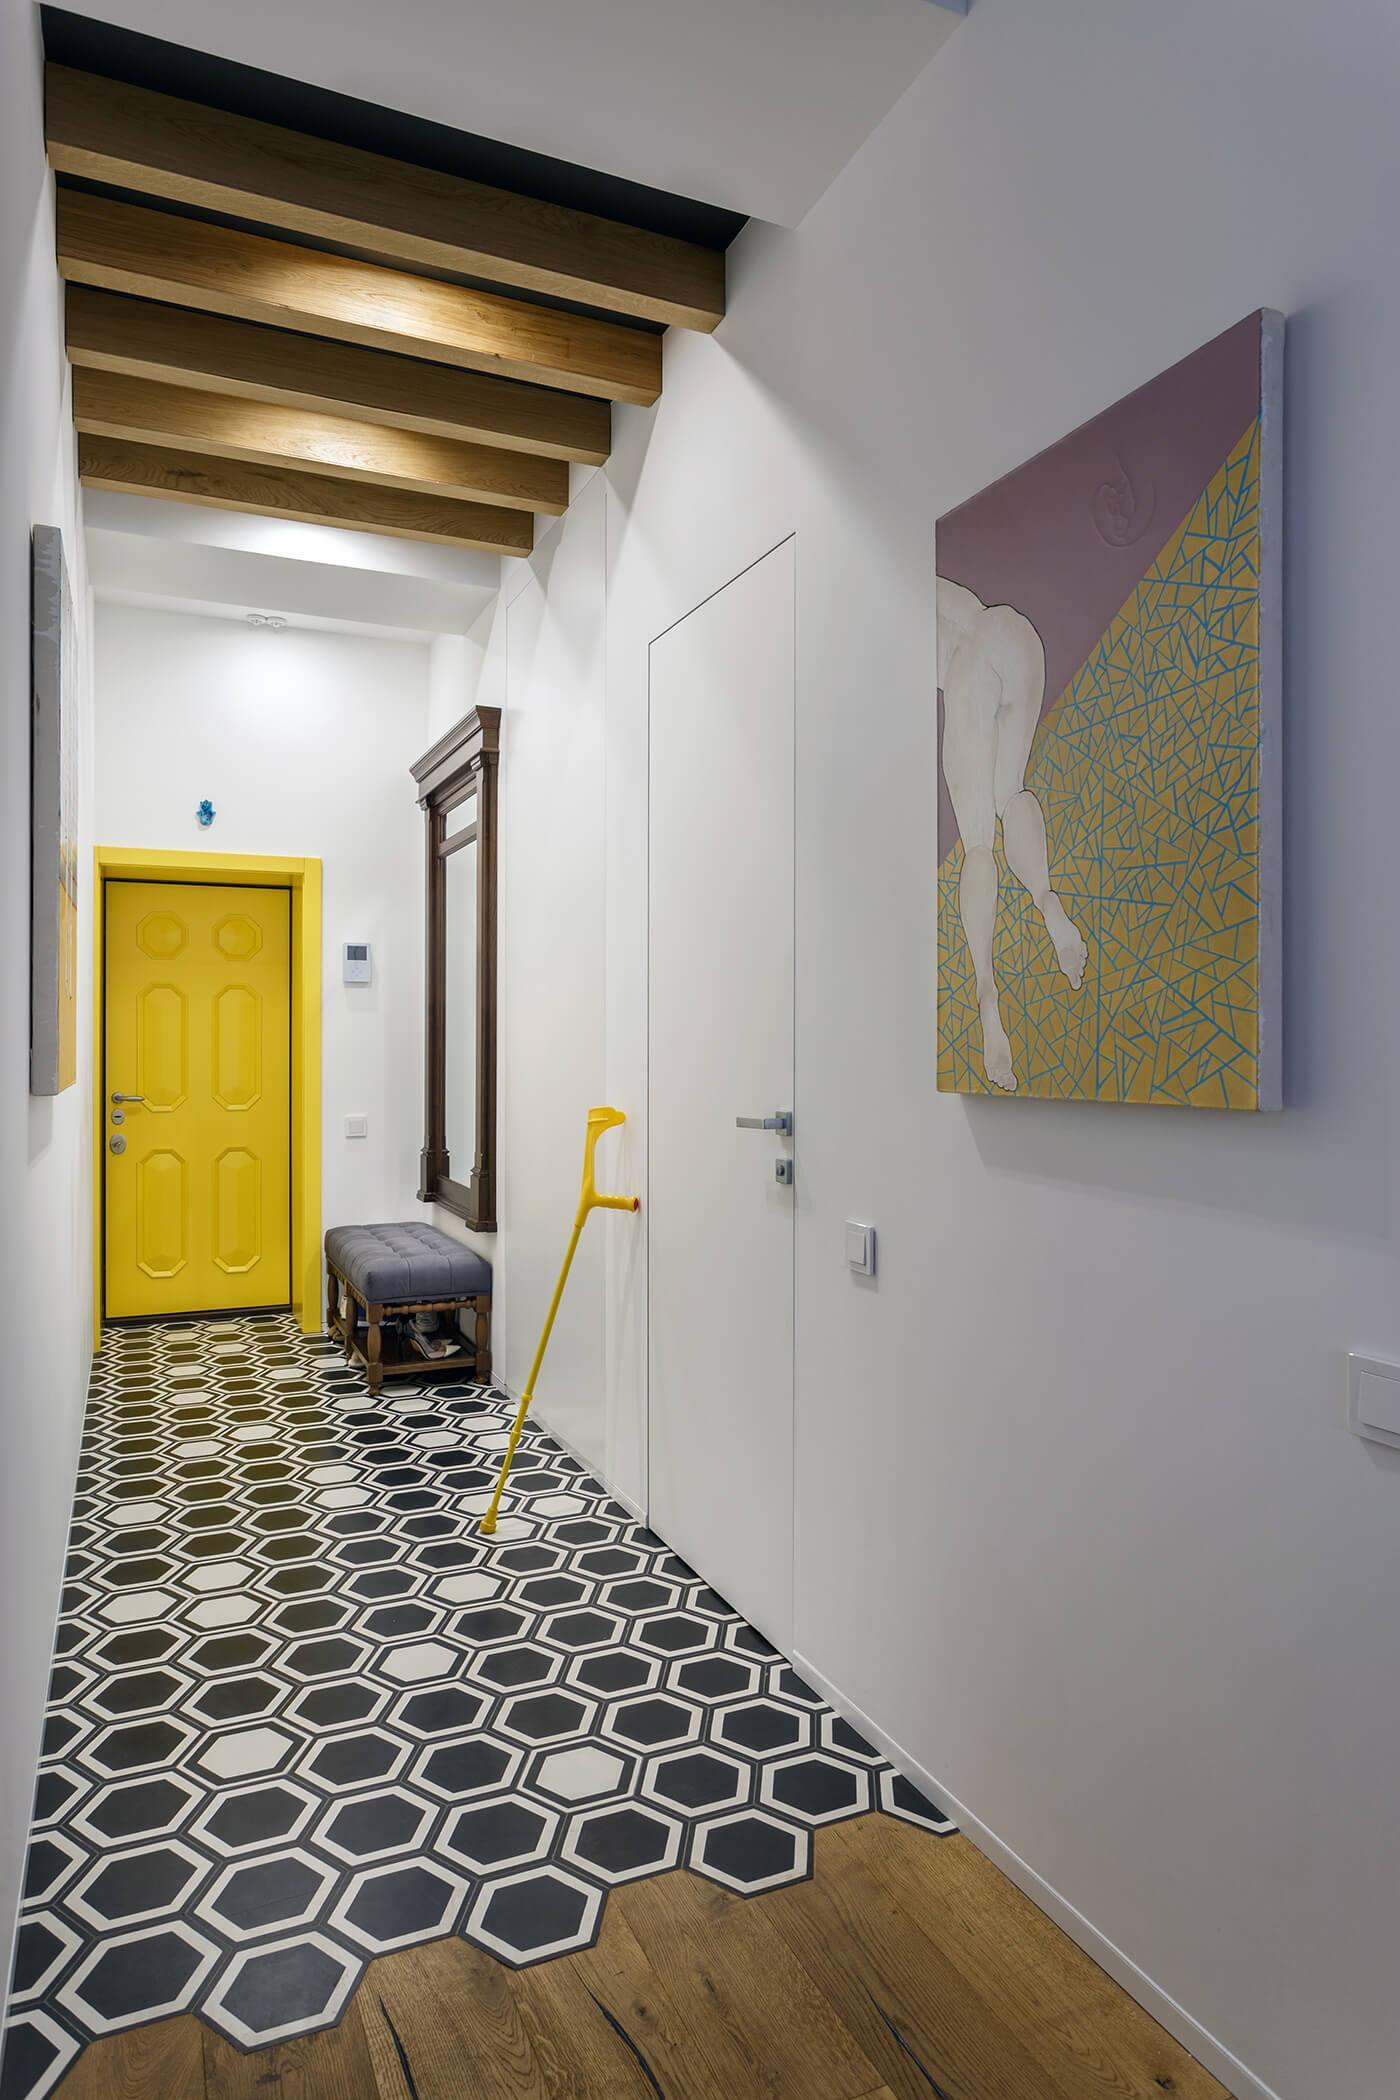 apartament-v-ukraina-s-kreativen-interioren-dizian-1g